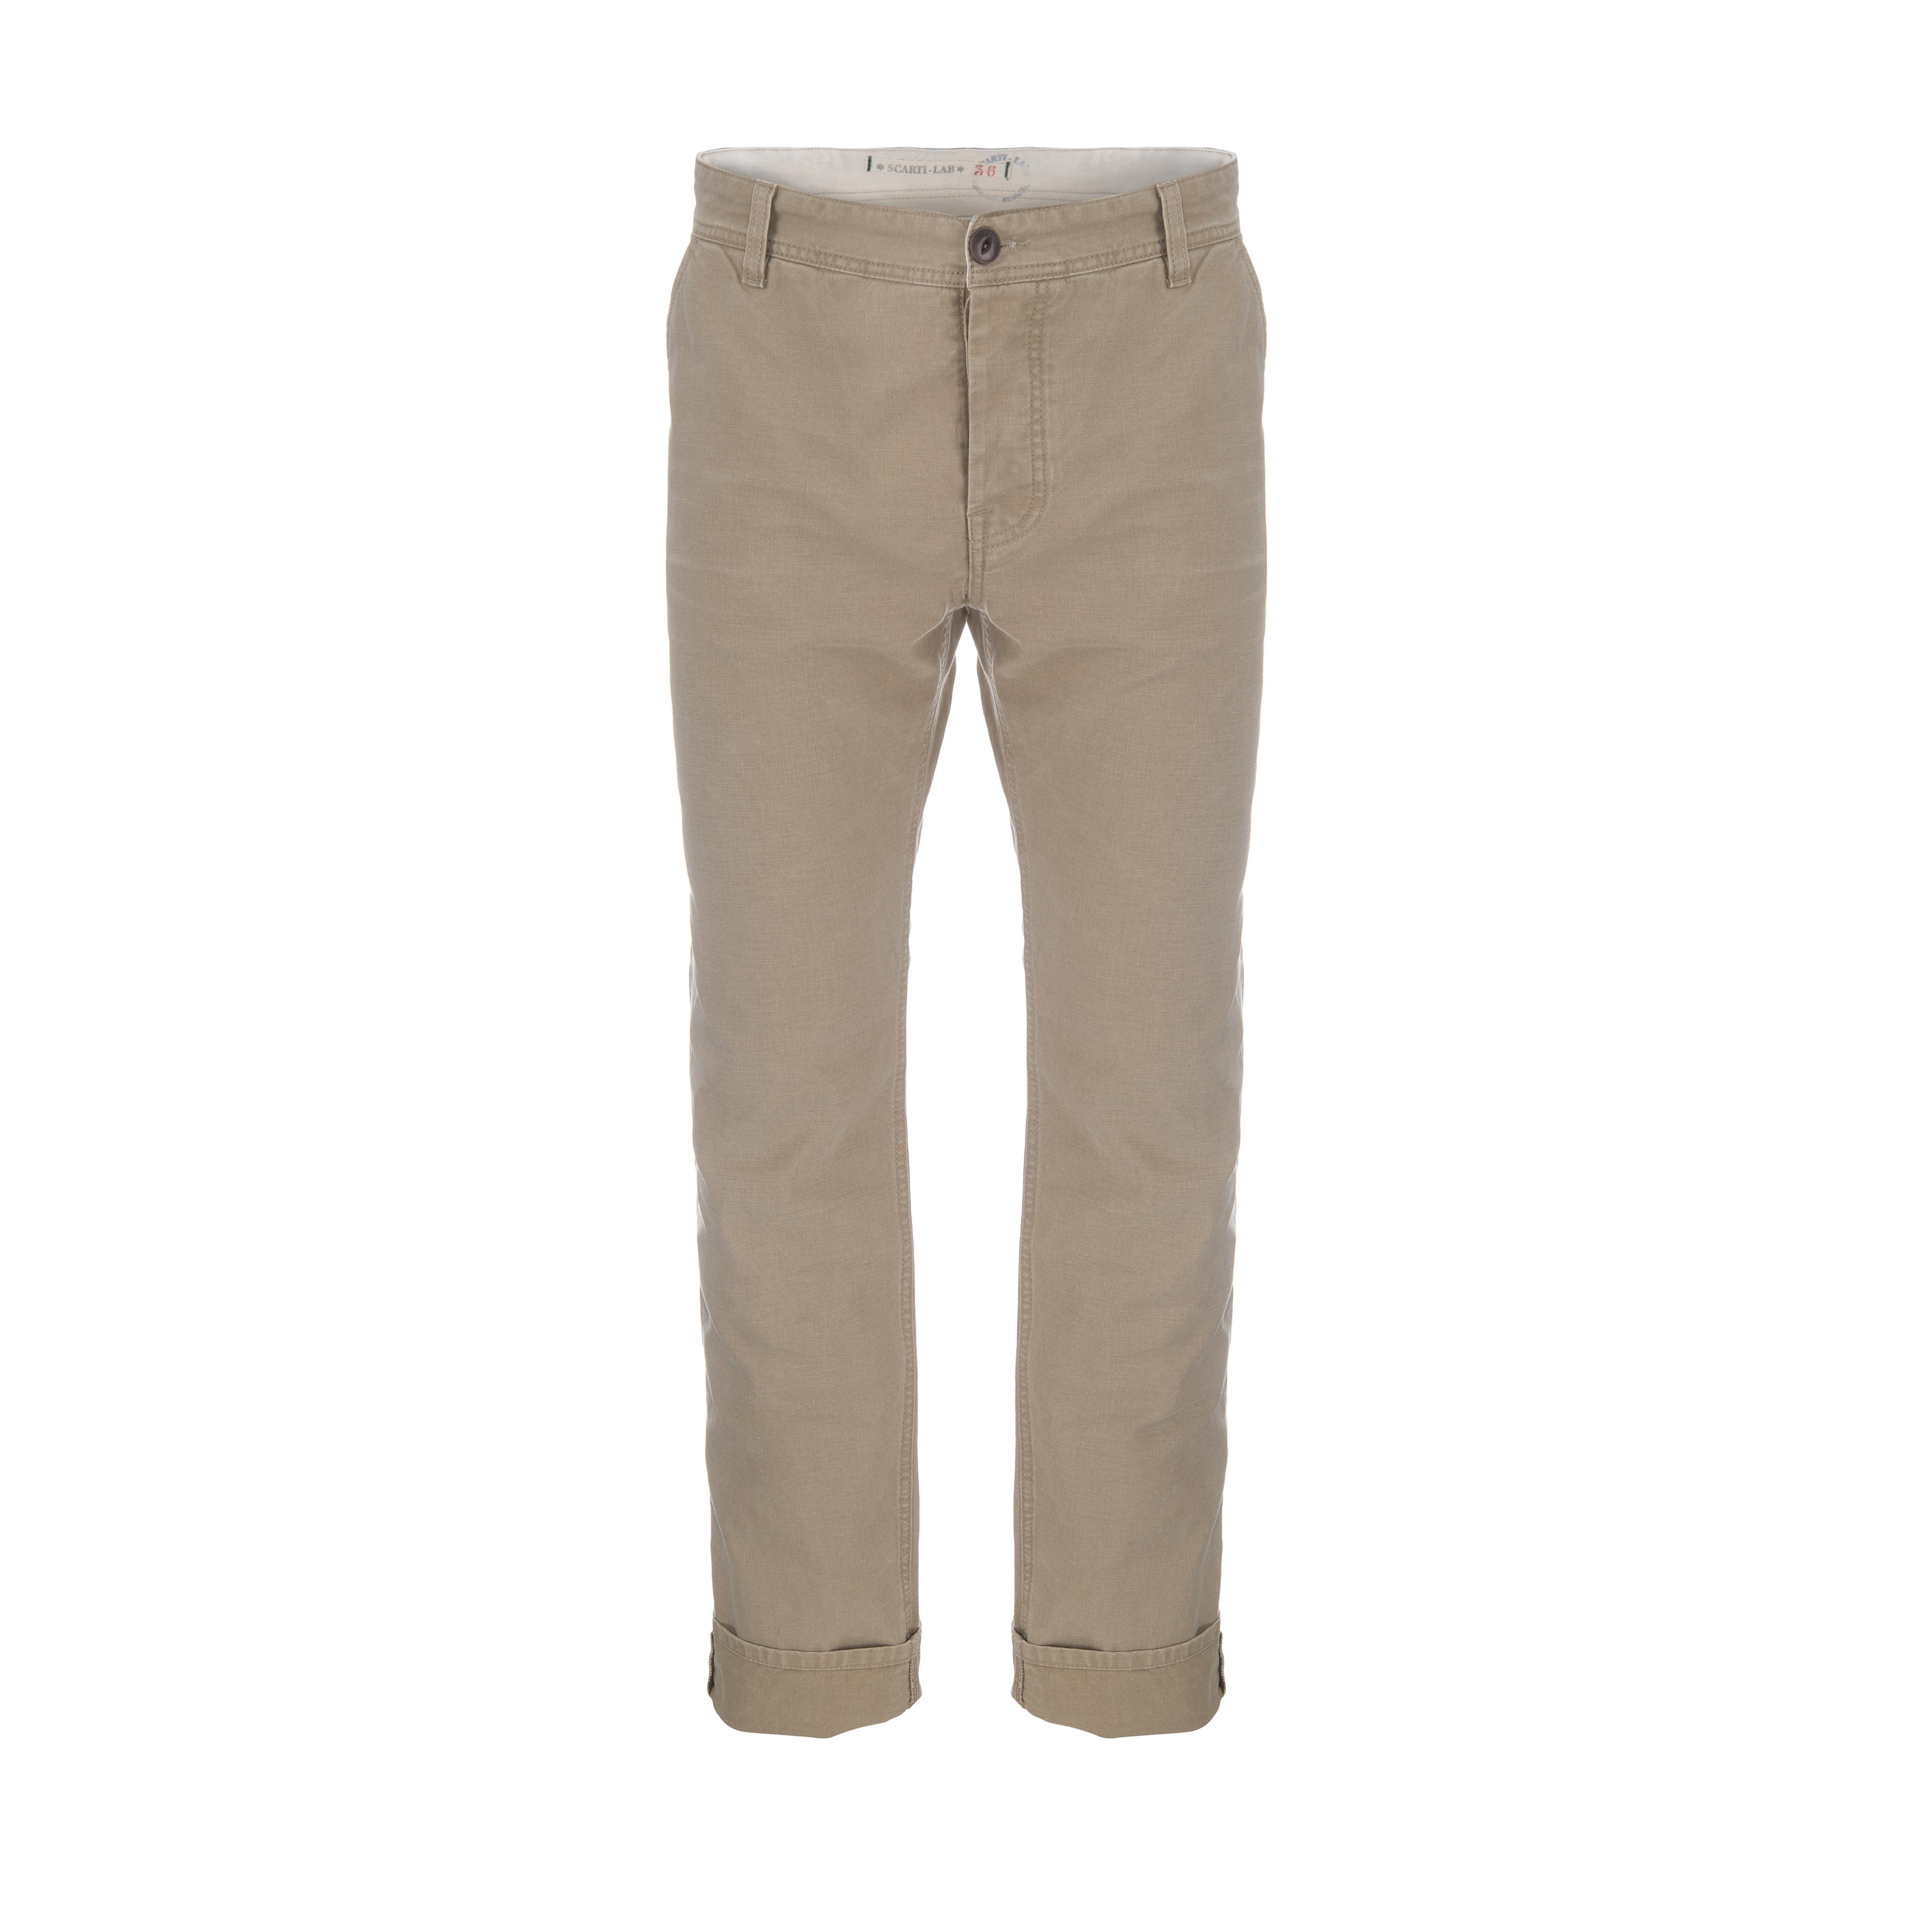 Cotton Pant Beige